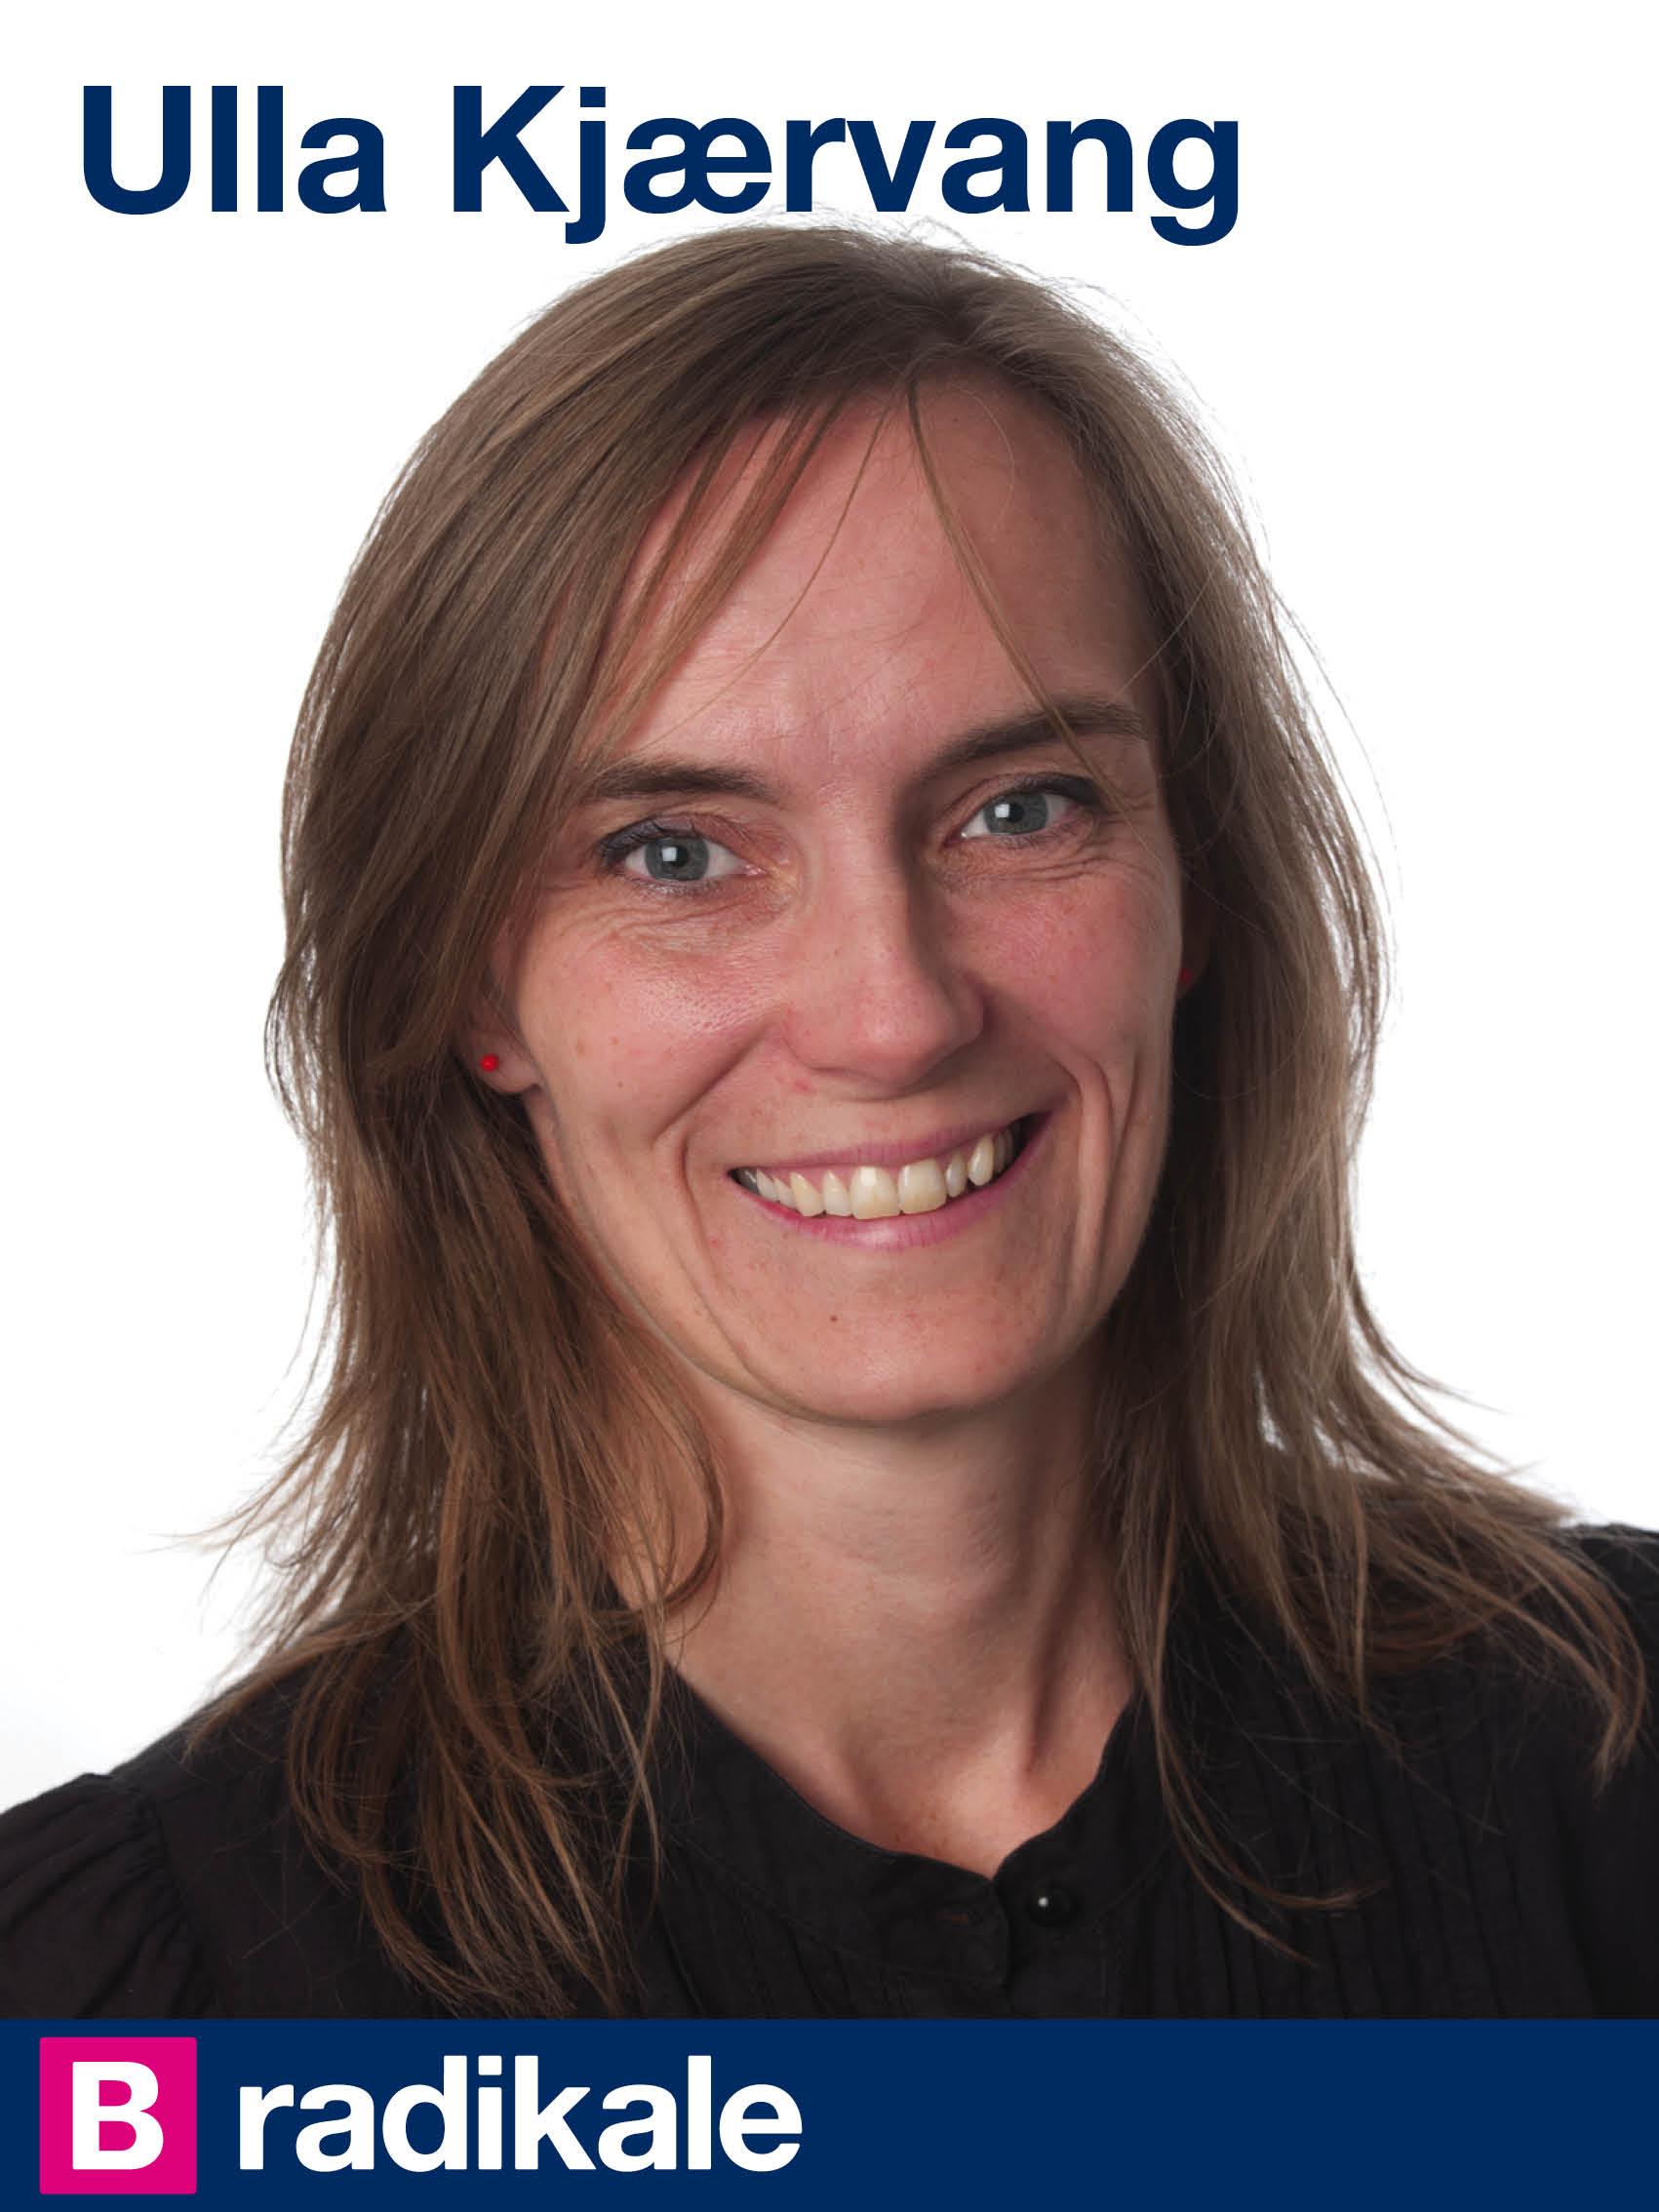 Ulla_Kjærvang_Radikale_Venstre_Randers_Kommune